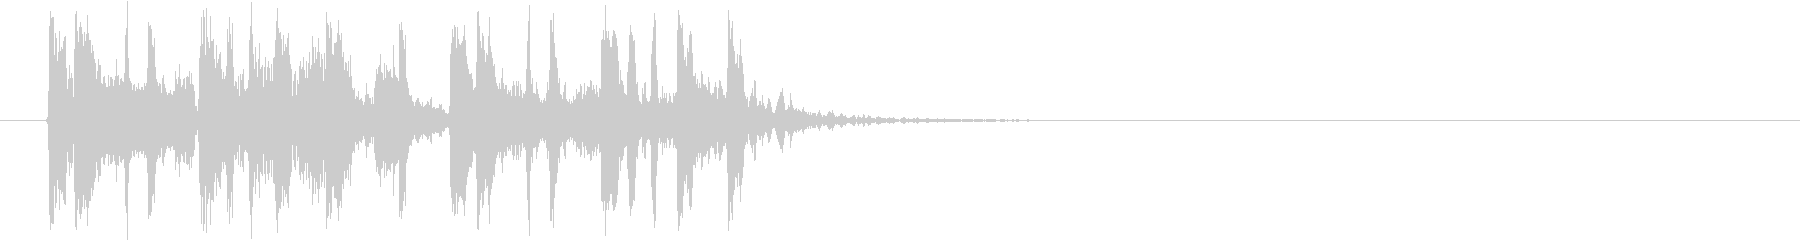 クールなテクノ調のジングル、サウンドロゴの未再生の波形